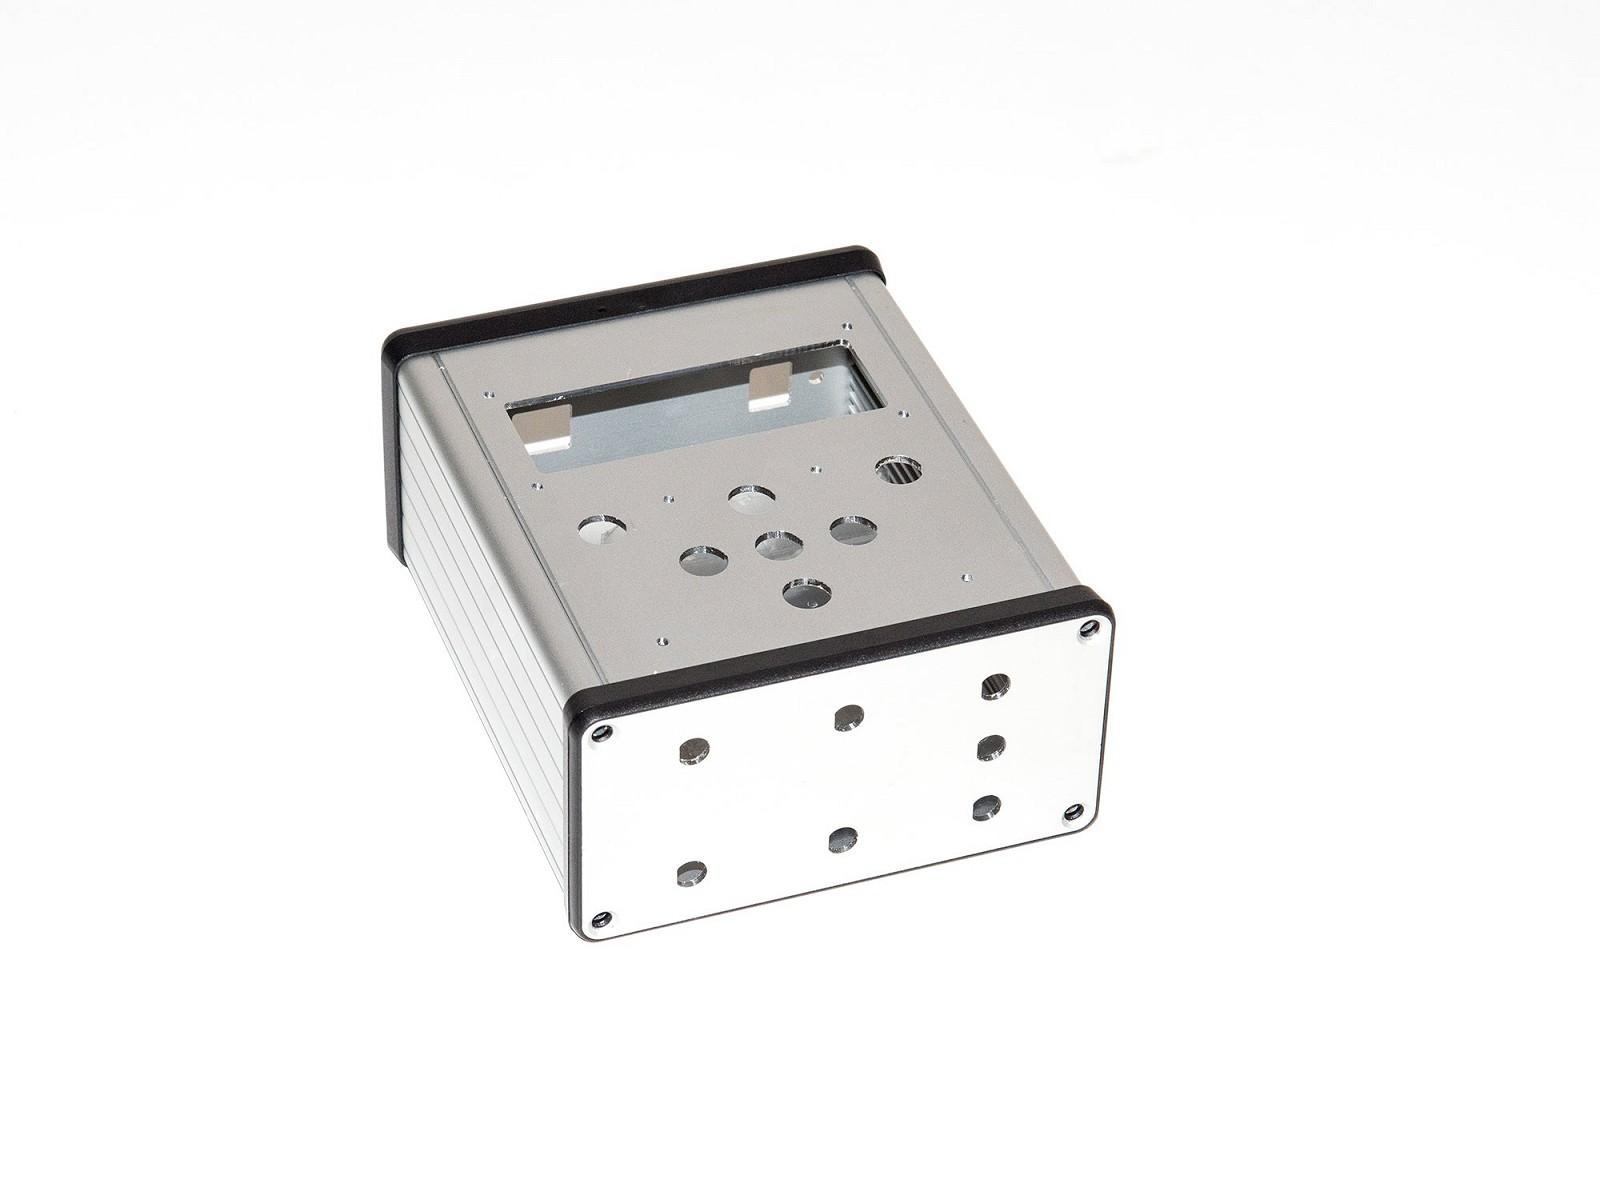 CNC frézování přesných otvorů do krabičky pro elektroniku